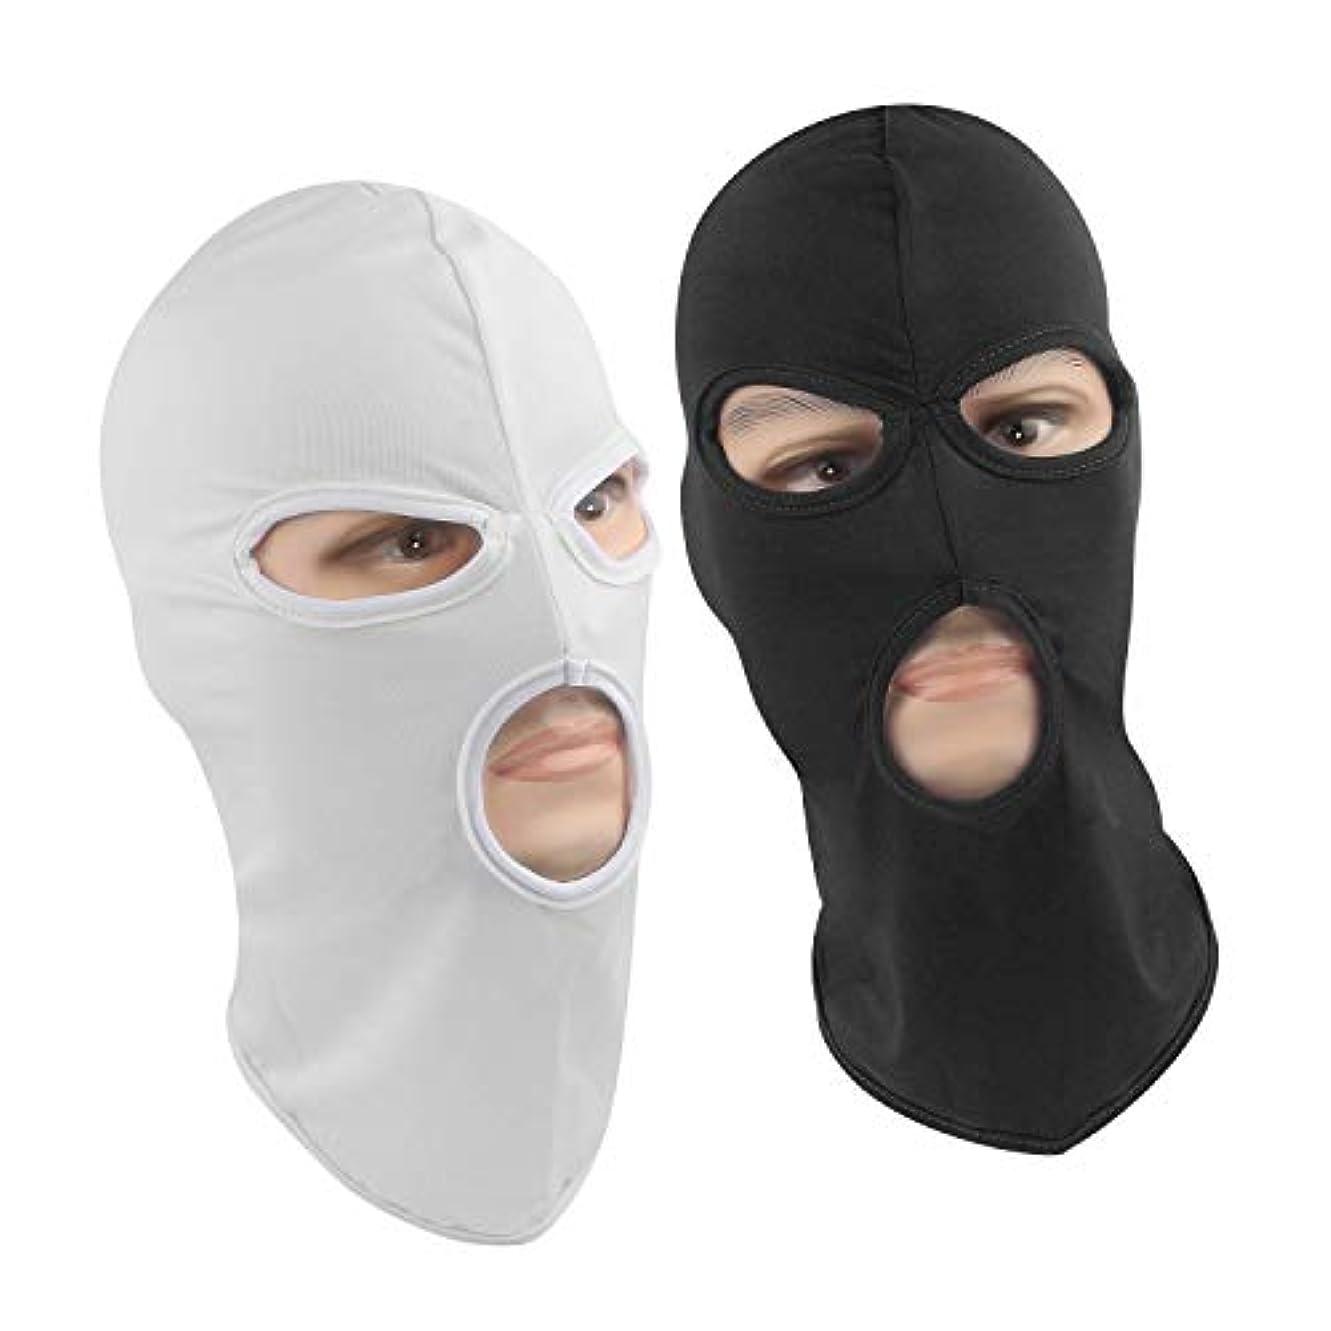 フォークエジプト人血まみれのバラクラバマスク3ホール式 伸縮速乾 柔軟軽量 保温通気 UVカット 防風 フルフェイスマスク,ブラック+白,2個